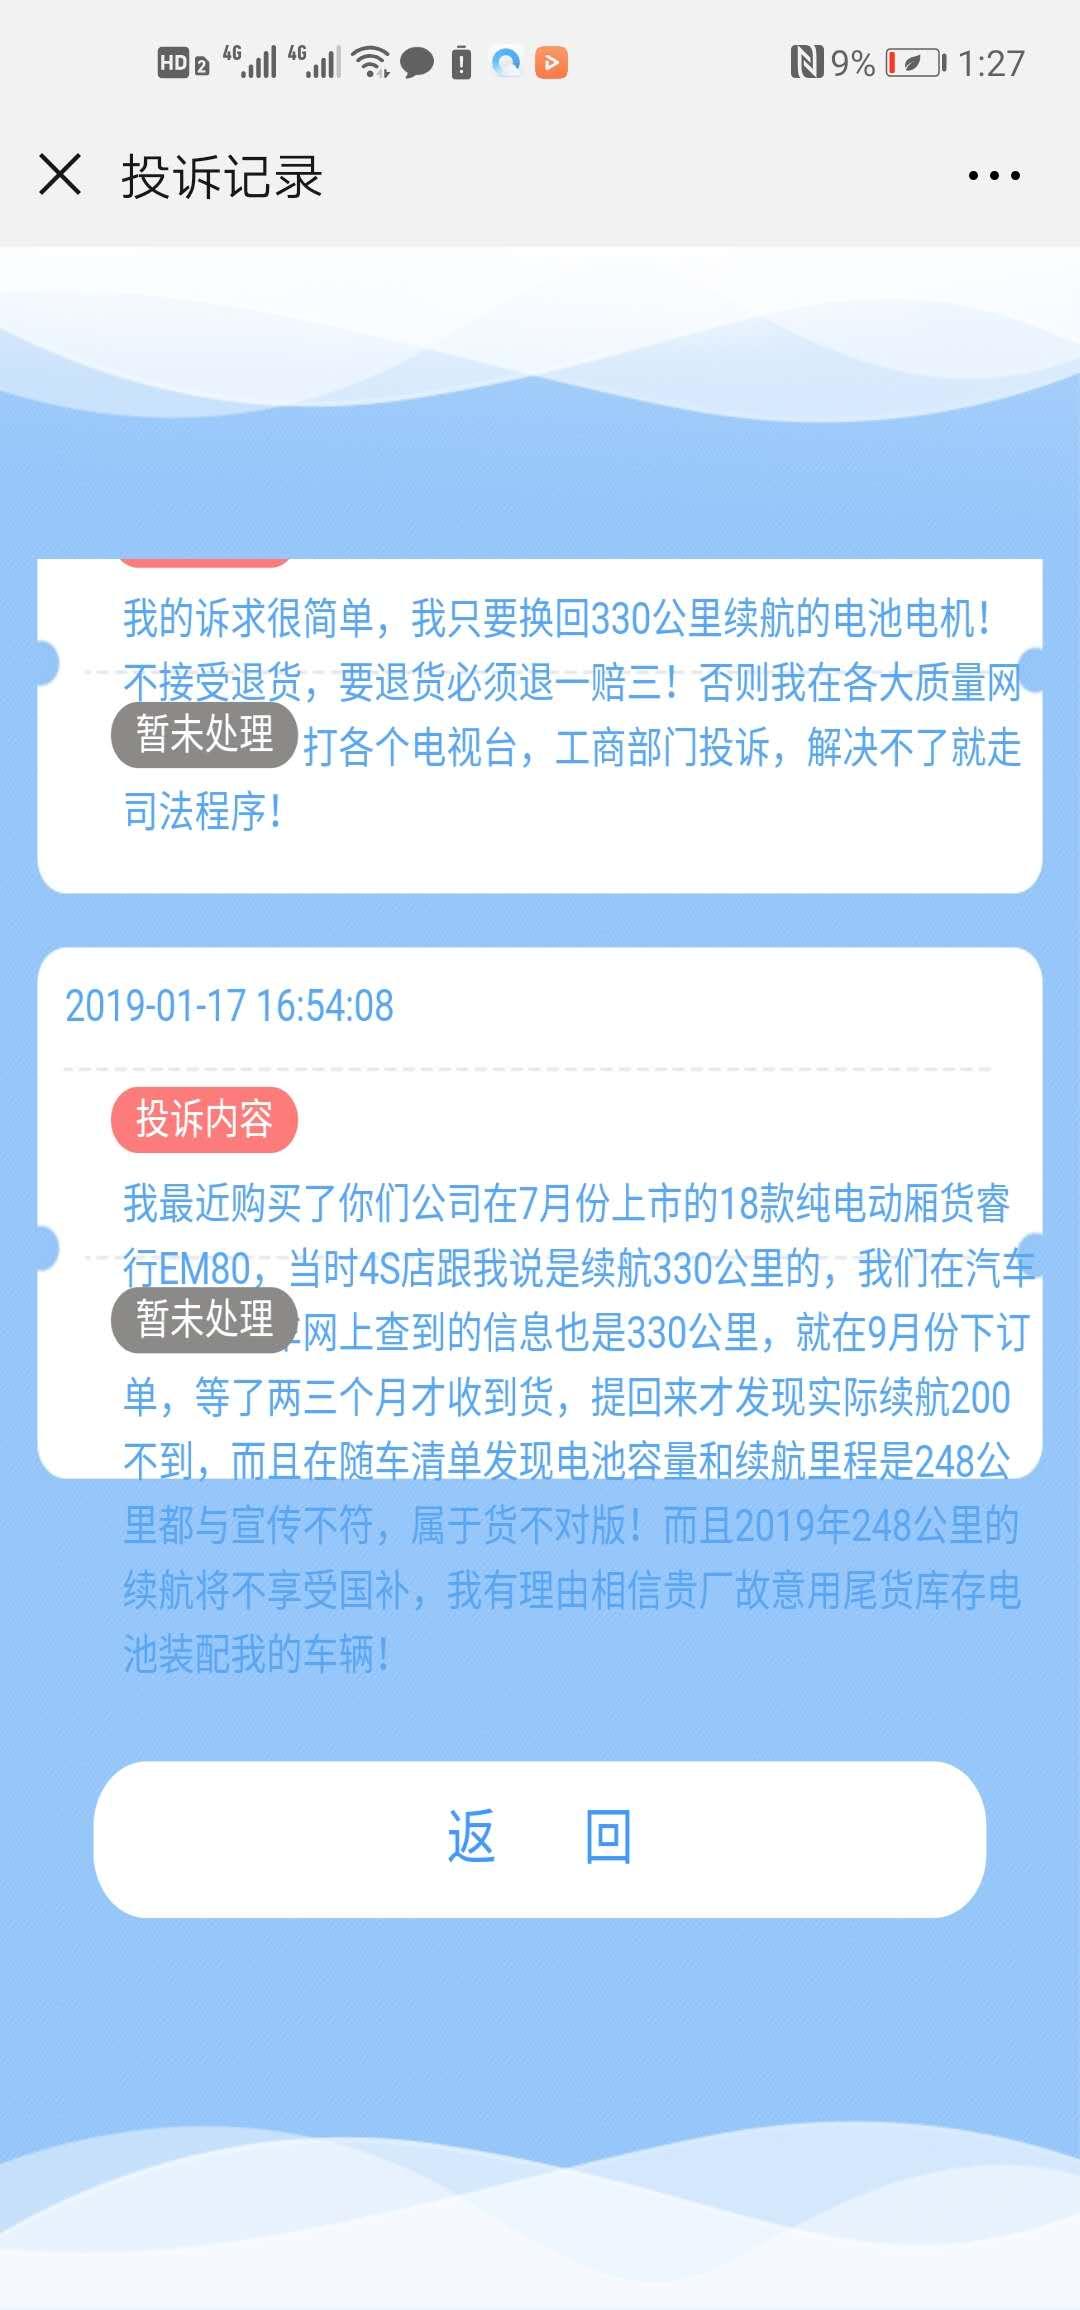 长安汽车-睿行EM80 货不对版,虚假宣传